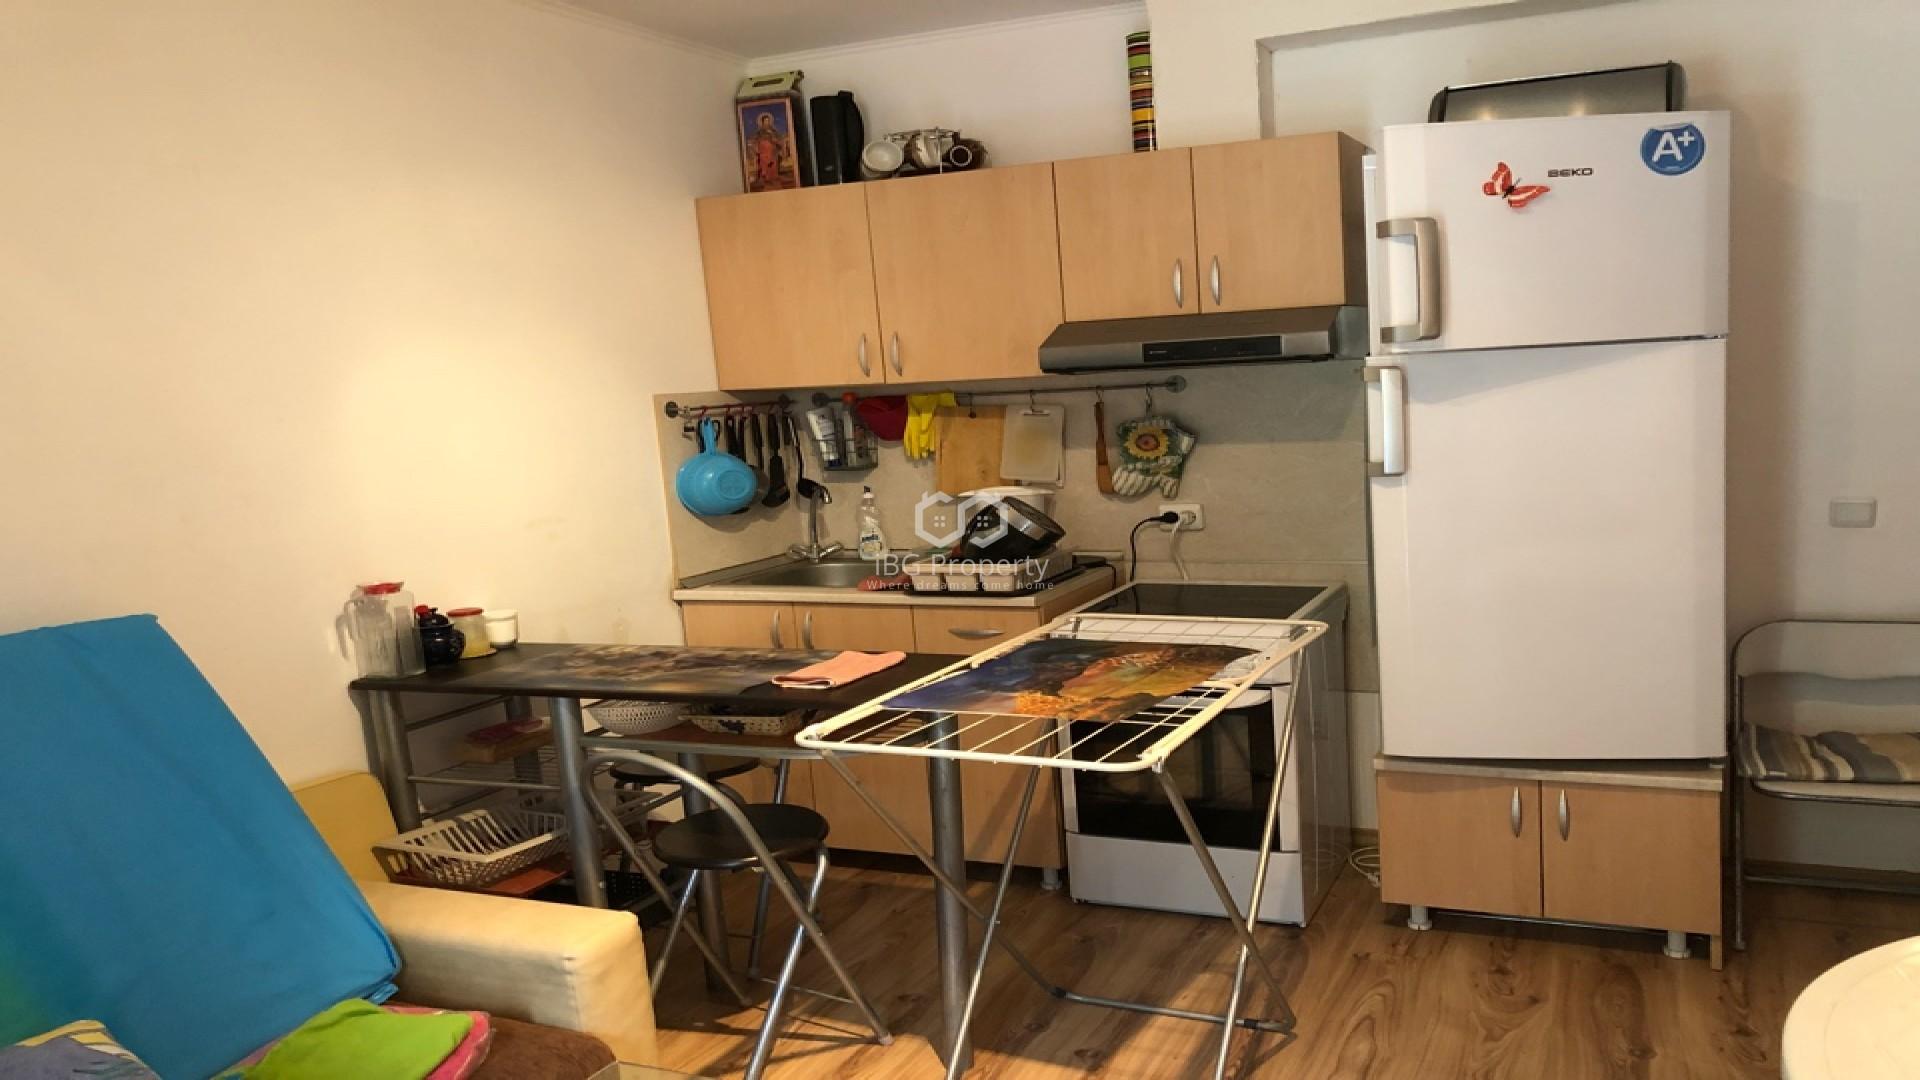 Eдностаен апартамент Св. Св. Константин и Елена 35 m2